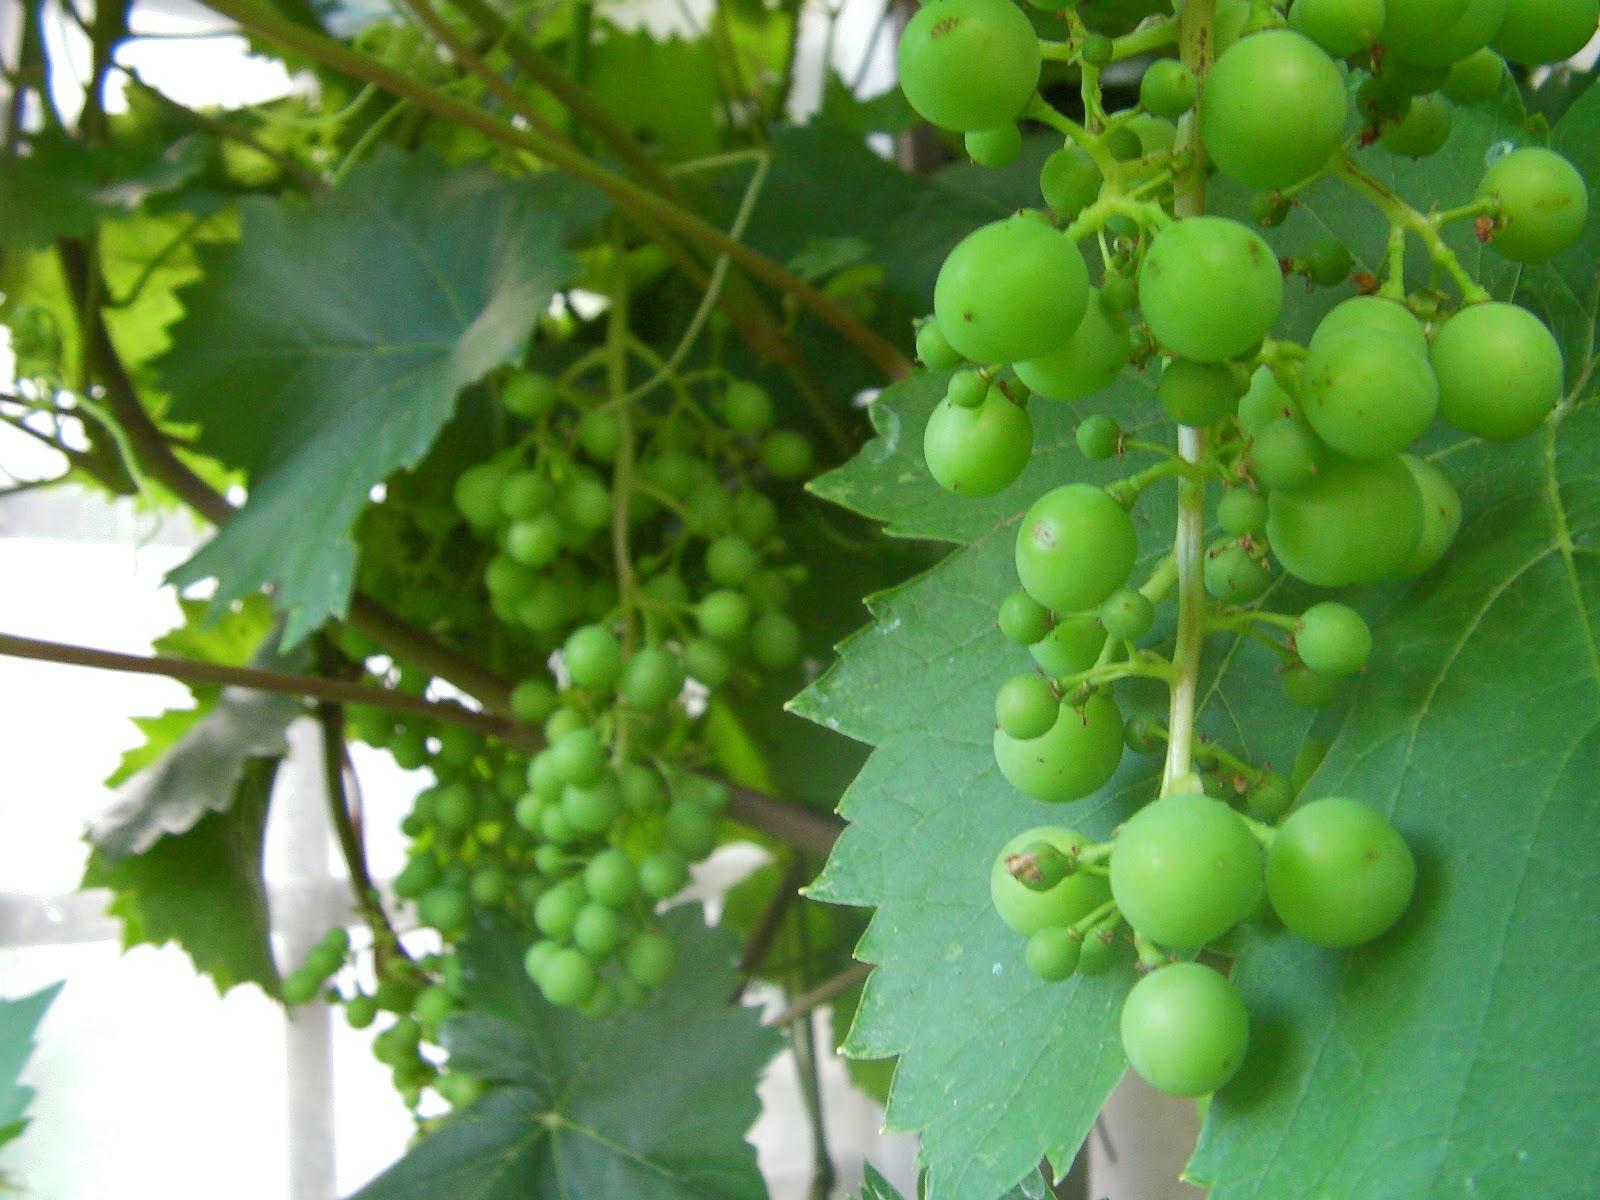 Les secrets de la taille et de la greffe des arbres fruitiers bio 07 petits secrets de la - Bouillie bordelaise sur arbres fruitiers en fleurs ...